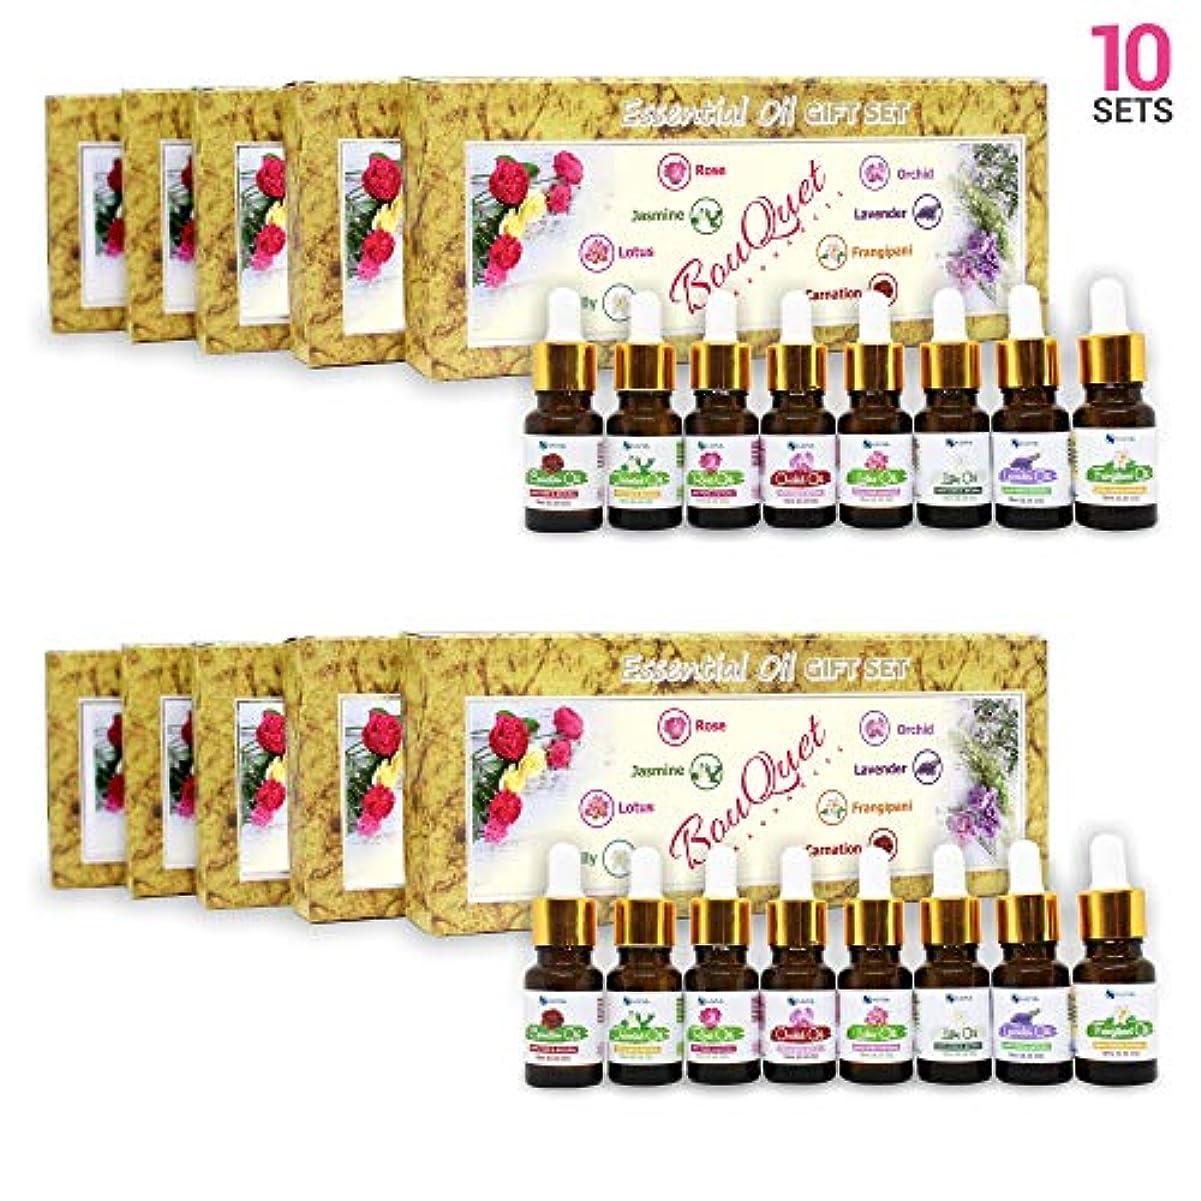 判定誕生日超高層ビルAromatherapy Fragrance Oils (Set of 10) - 100% Natural Therapeutic Essential Oils, 10ml each (Rose, Jasmine, Lotus...